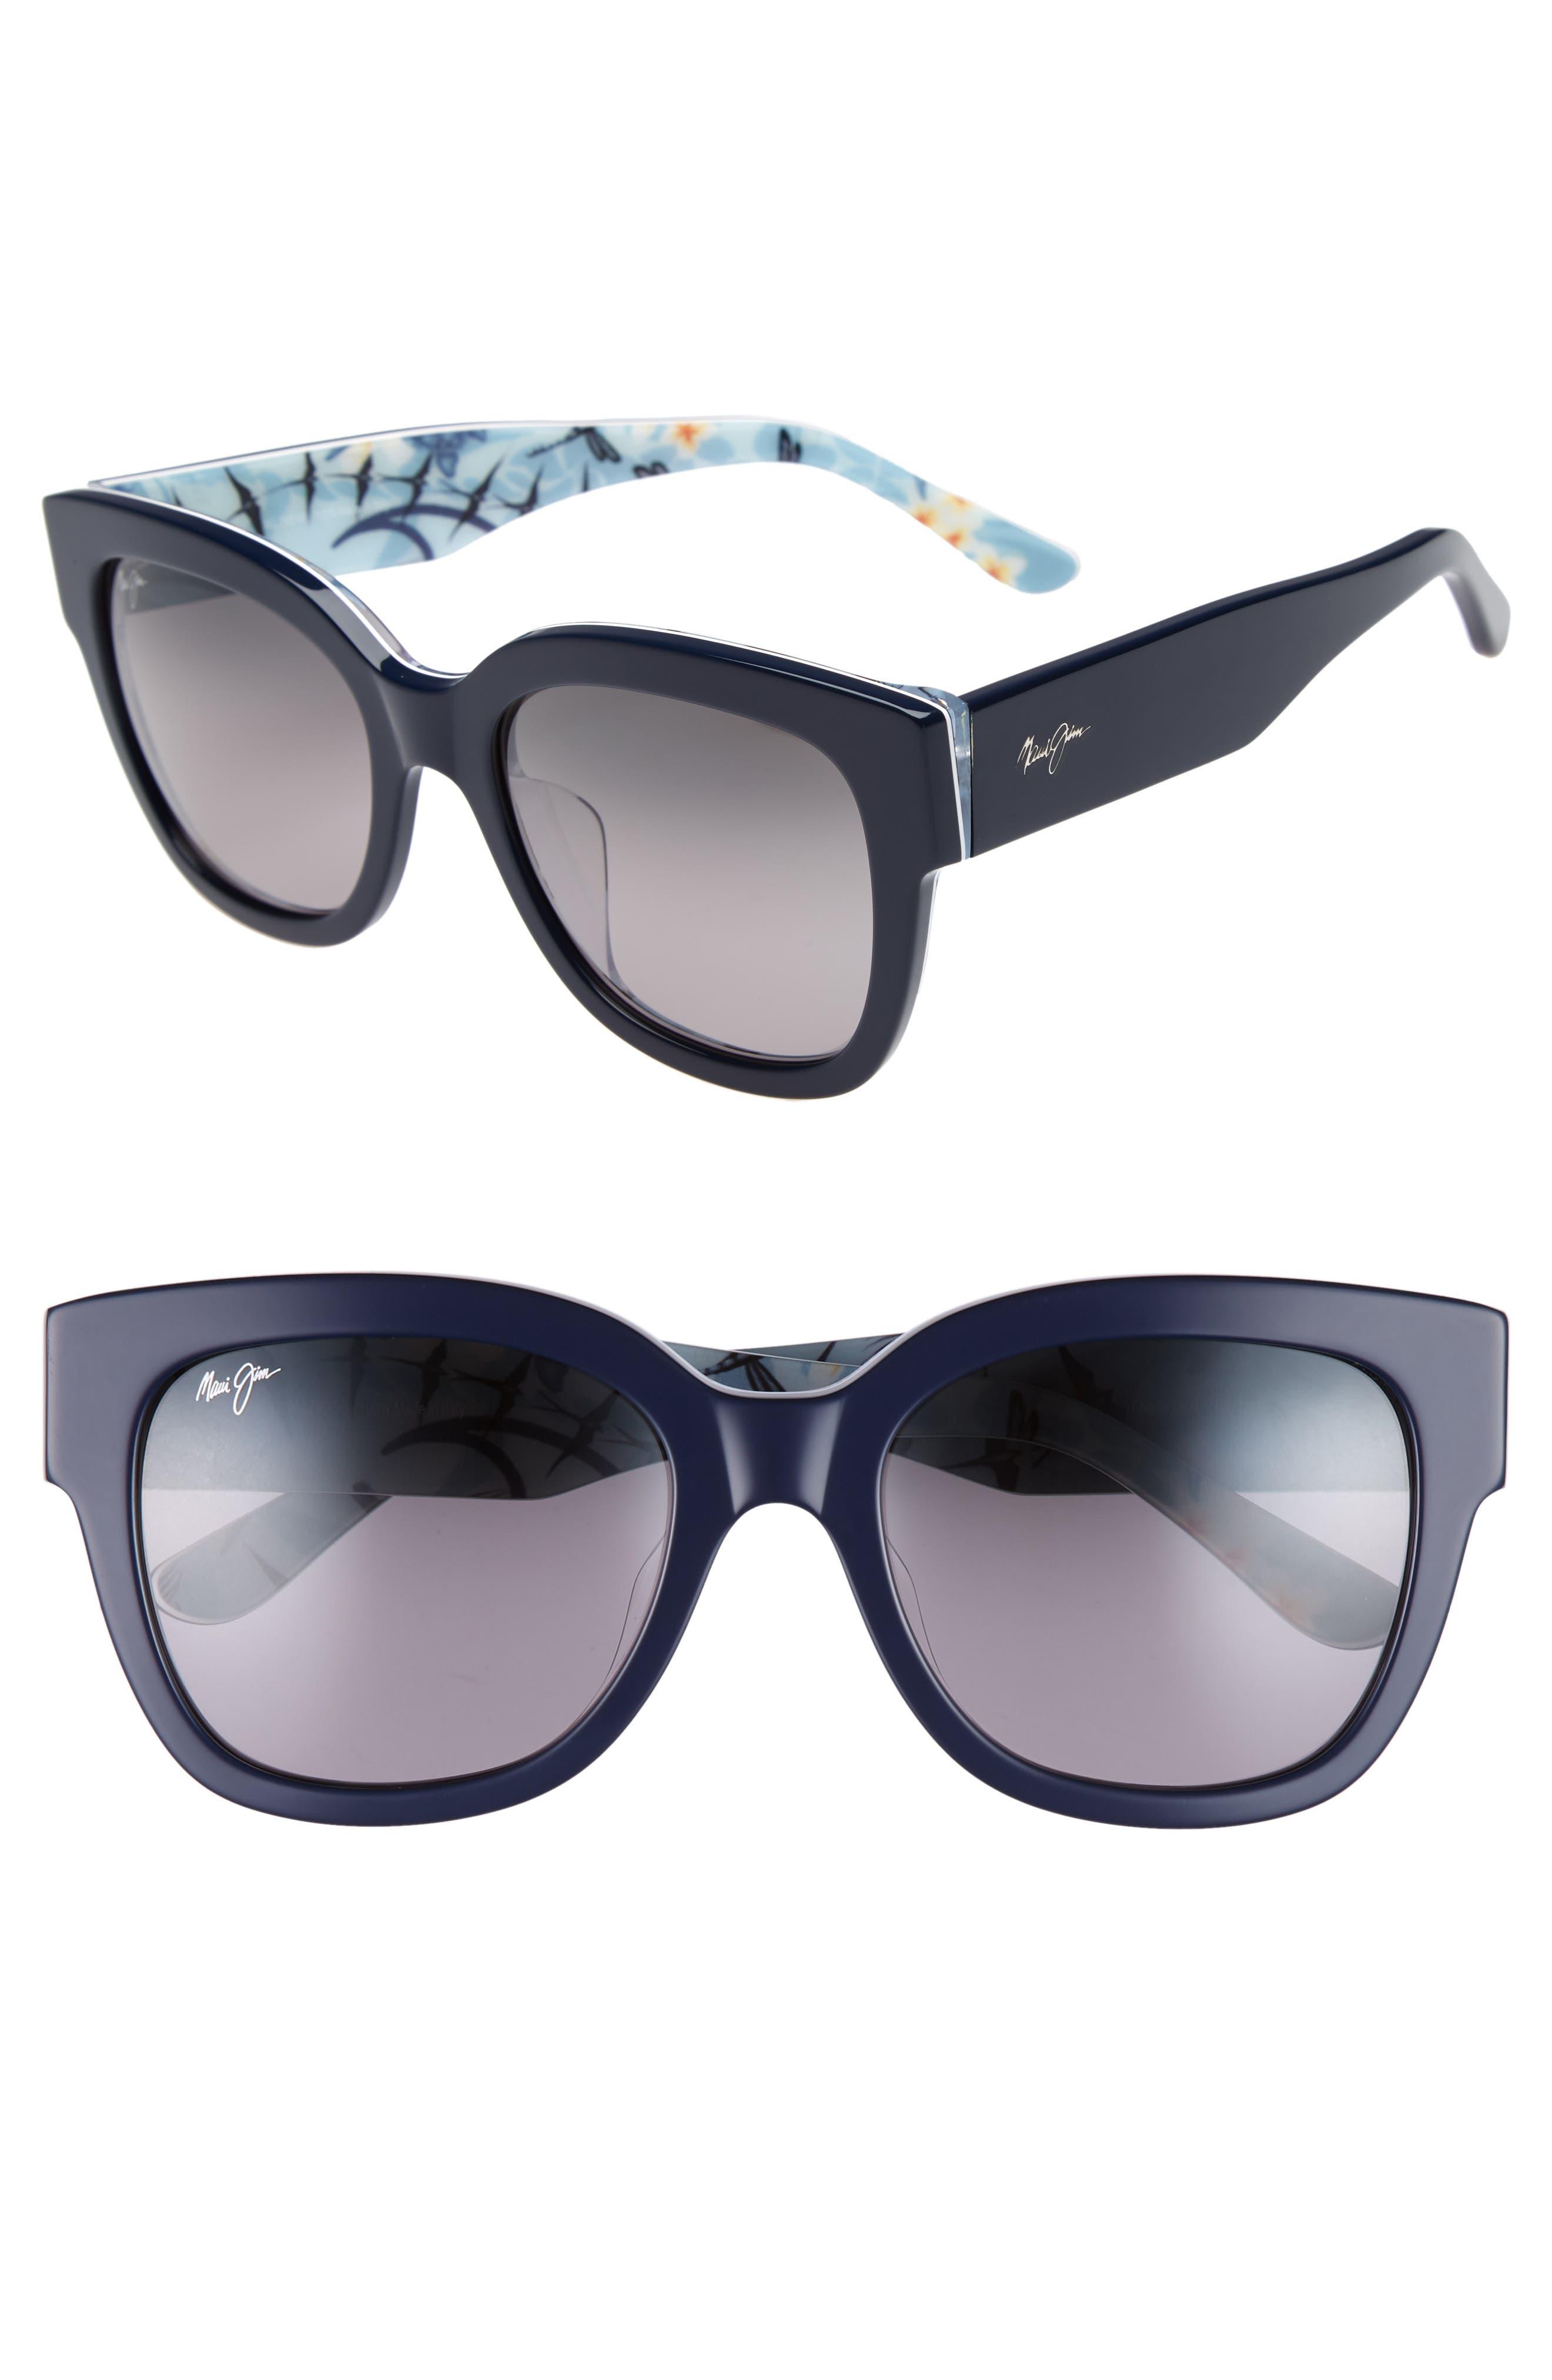 54mm Rhythm Polarized Sunglasses,                             Main thumbnail 1, color,                             NAVY BLUE/ NEUTRAL GREY